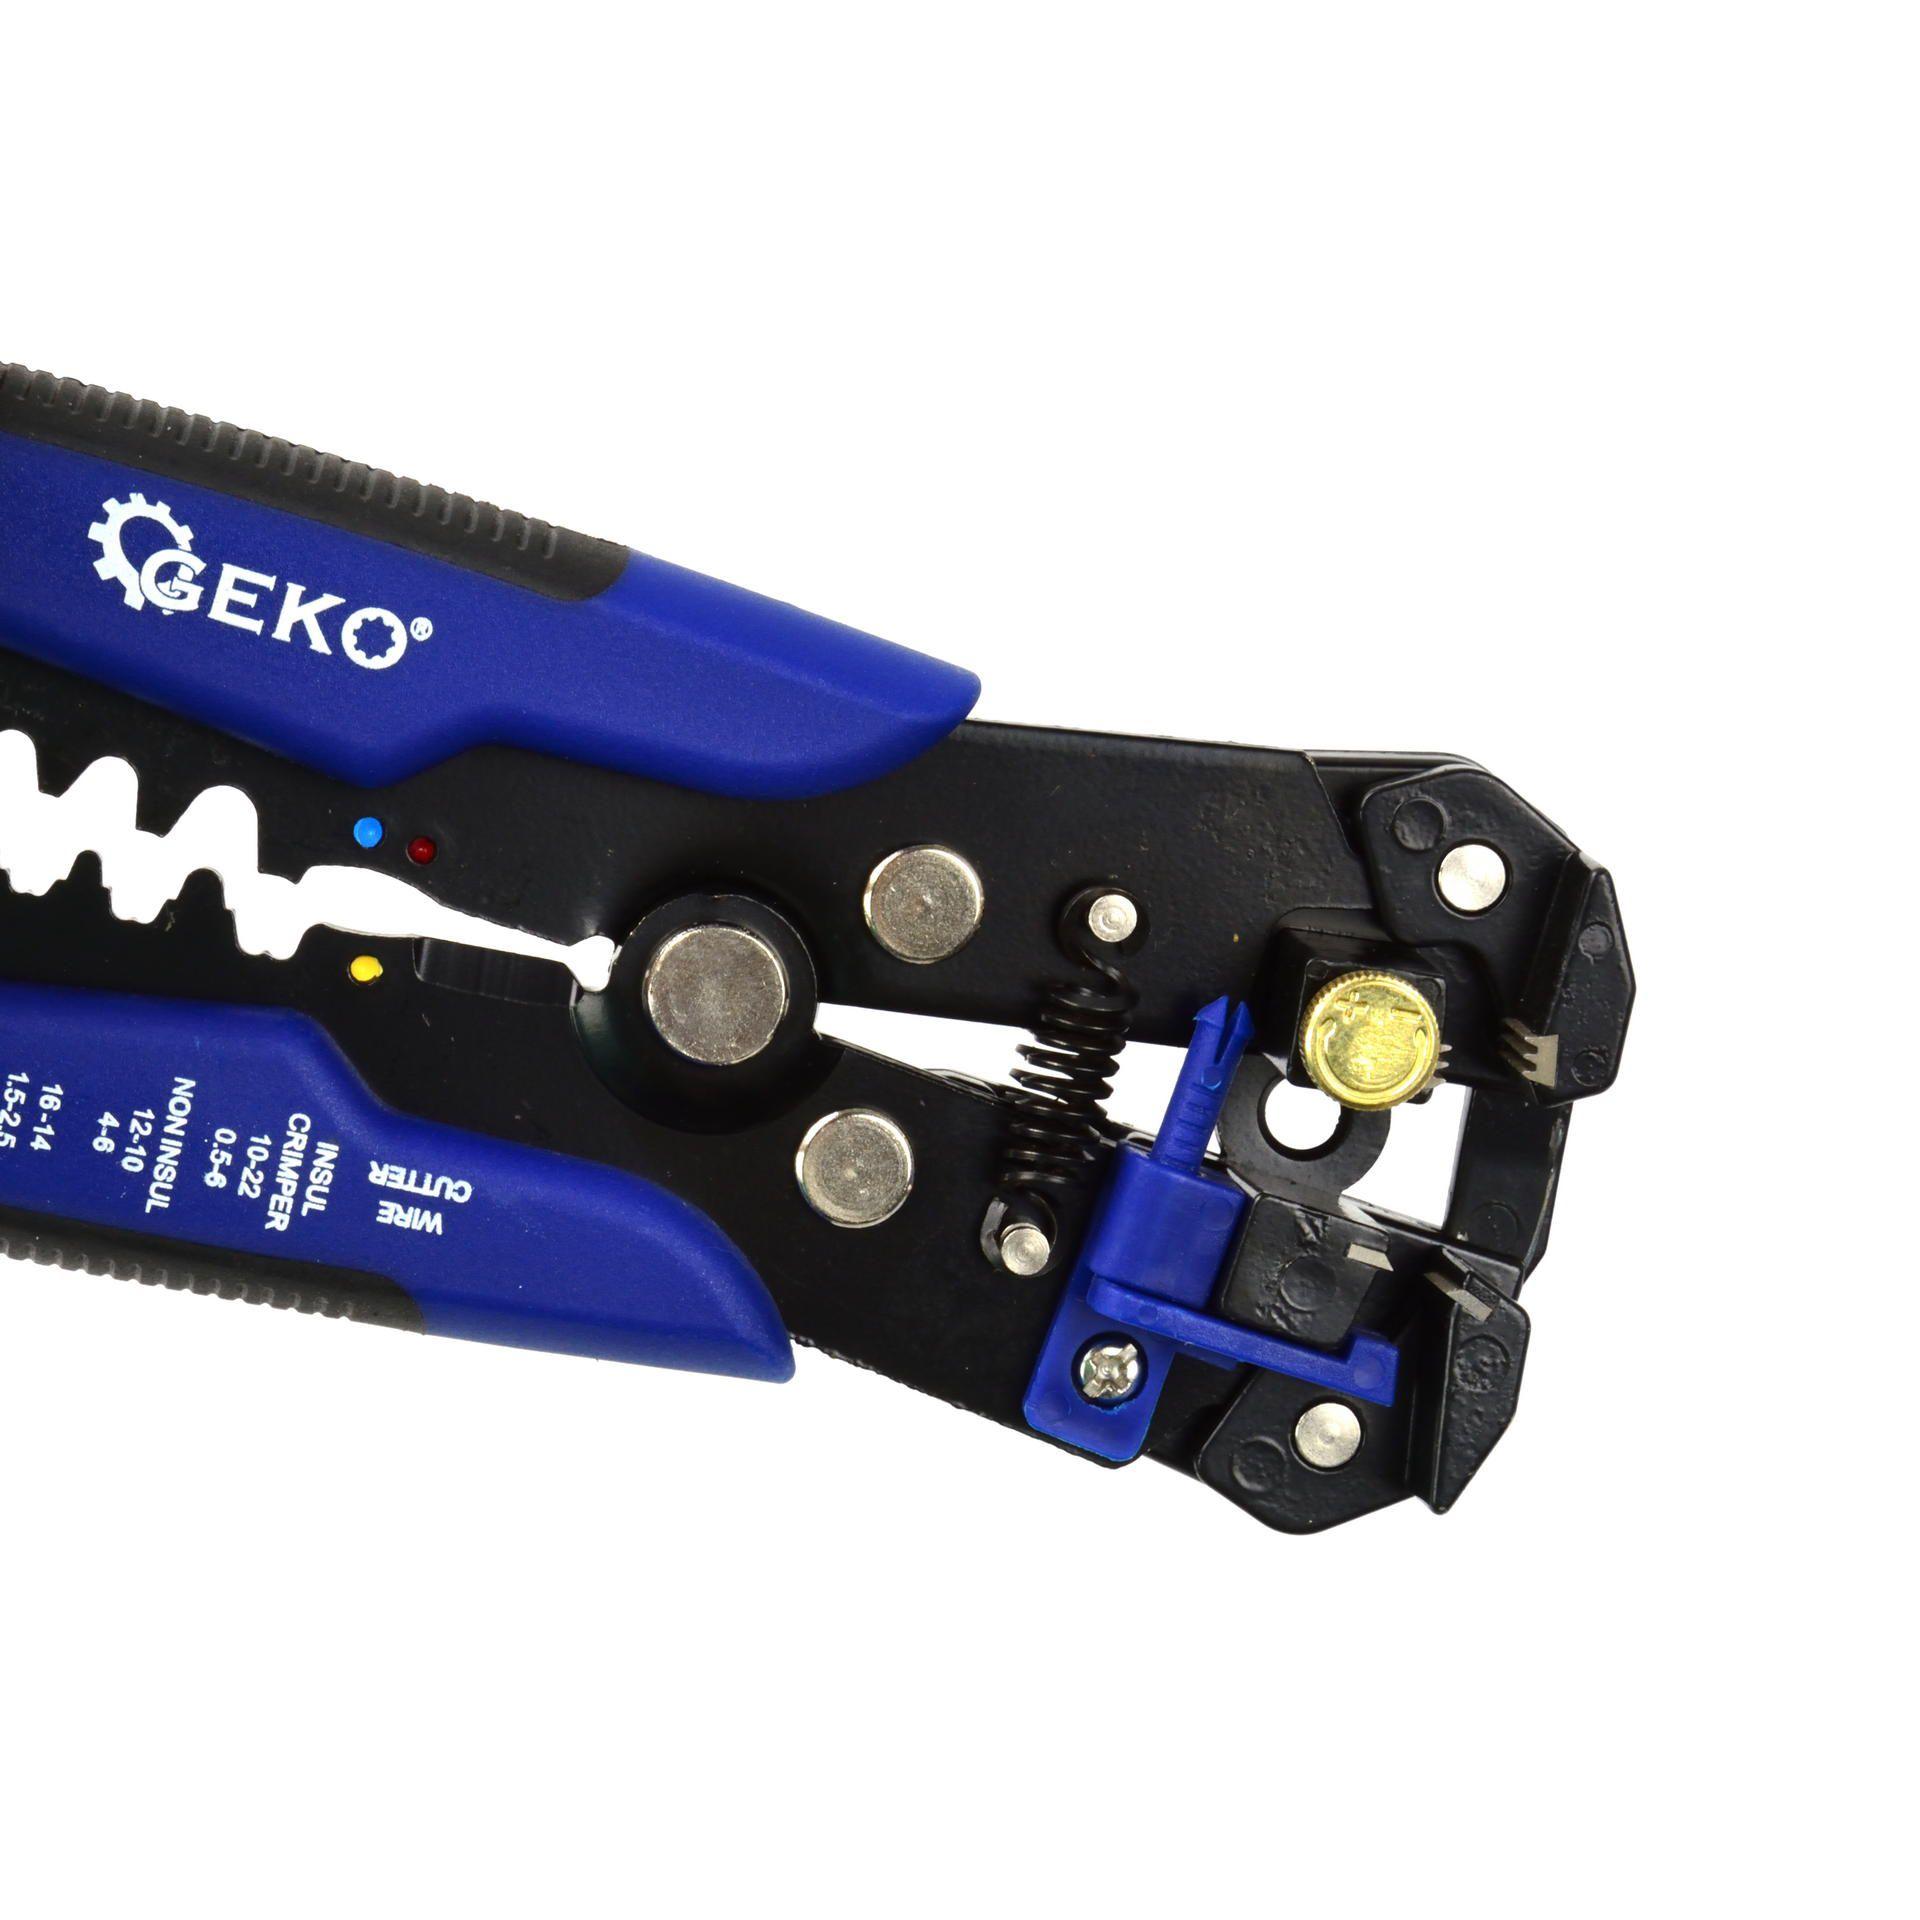 Wielofunkcyjny ściągacz do izolacji kabli i przewodów 0,2-6 mm GEKO3